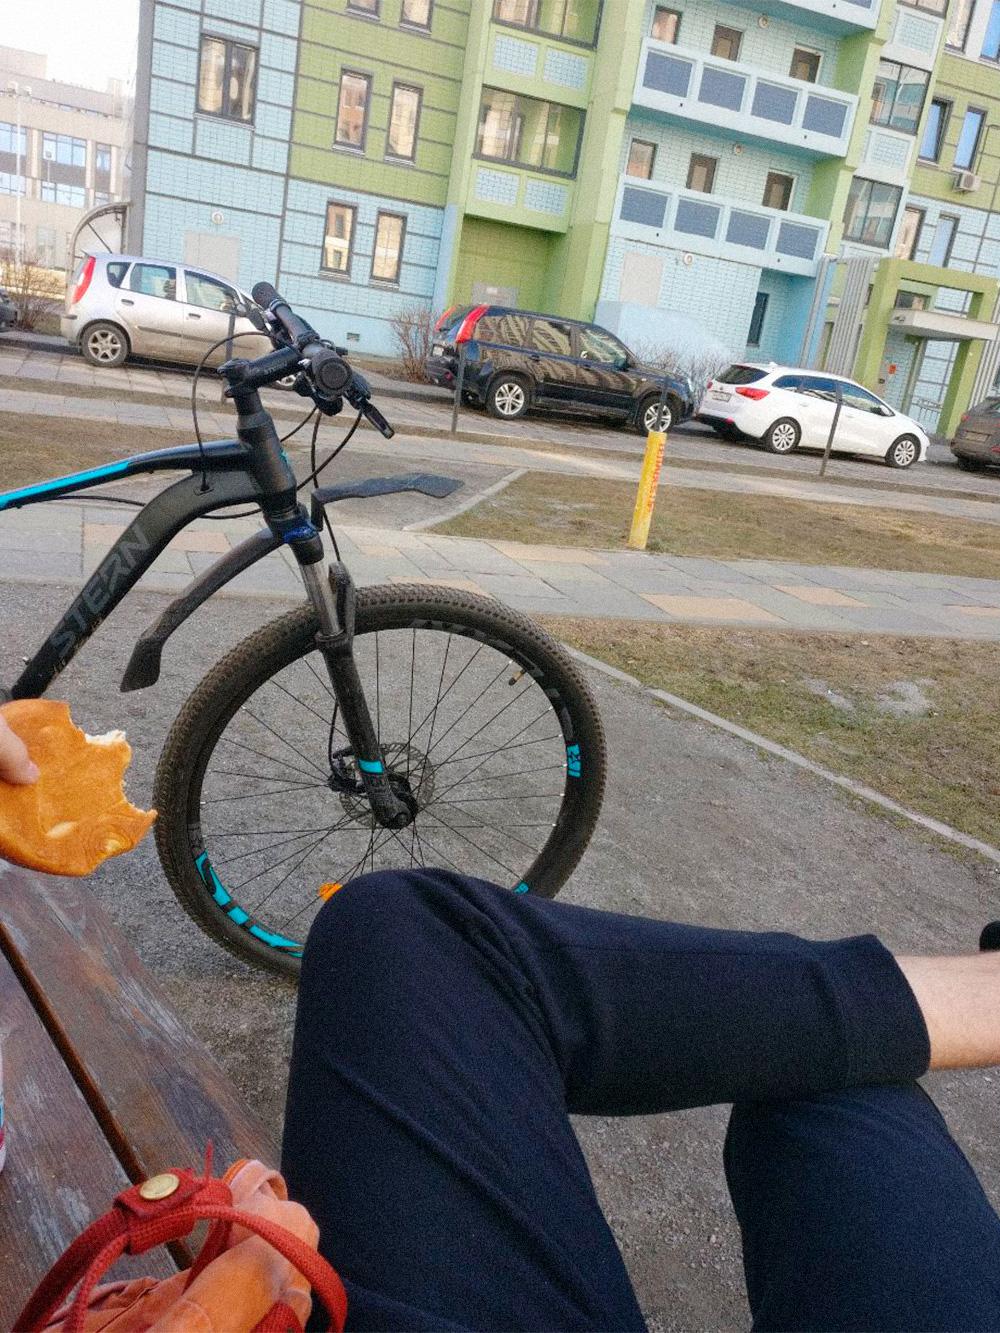 На велосипеде катаюсь много и часто, даже зимой. Чаще всего езжу к друзьям или на работу. На фото сижу у друга в Западном Дегунине, близ метро «Селигерская». Мой рекорд — доехать до Выхина на тусовку и вернуться с нее на велосипеде. Это около шестидесяти километров